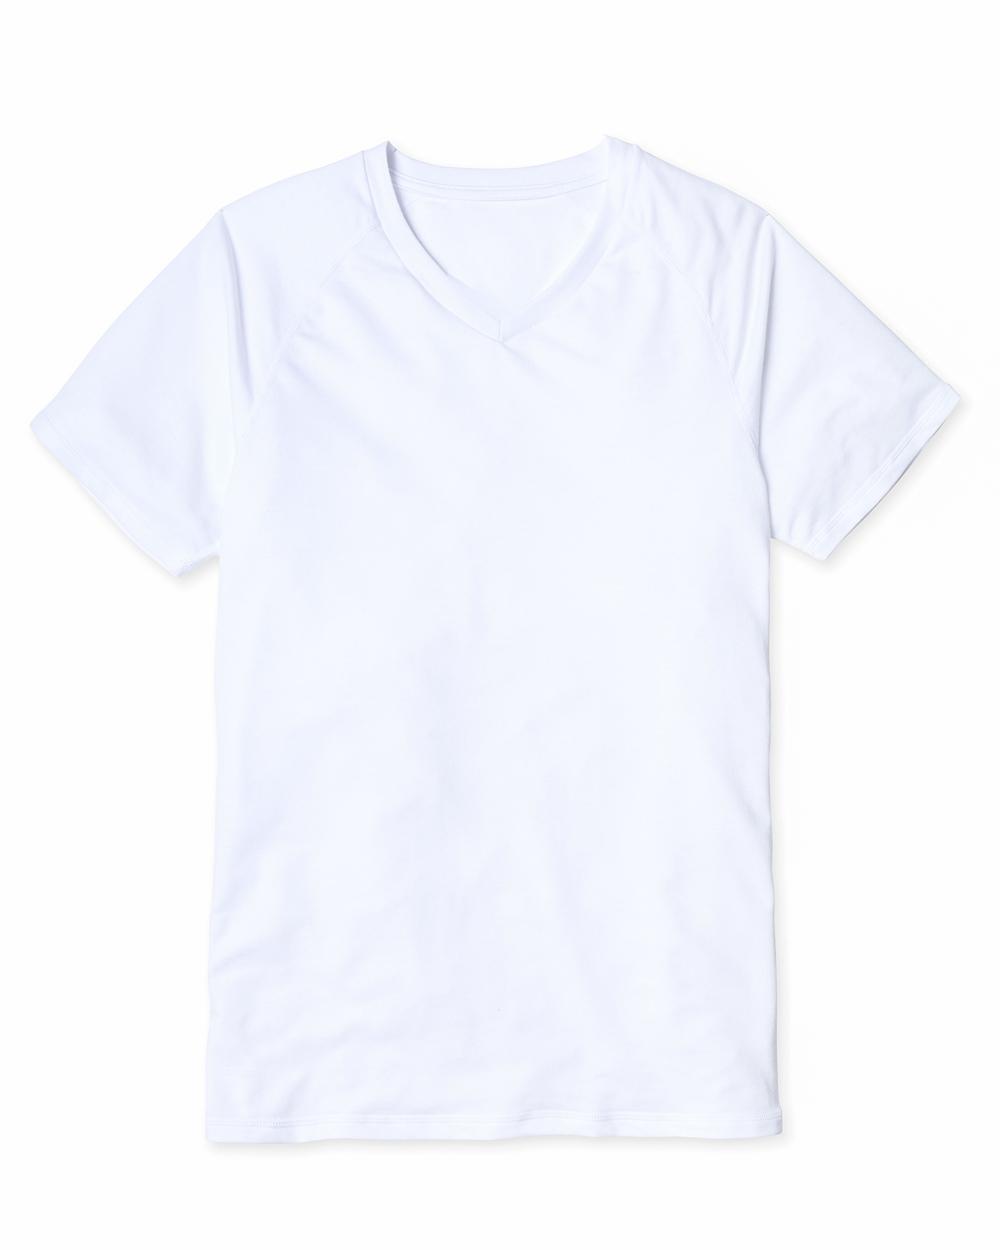 41f8c6871e Kit 5 Camisetas Gola V Masculina Lisa 100 Algodão Básica - Newbeat R  84